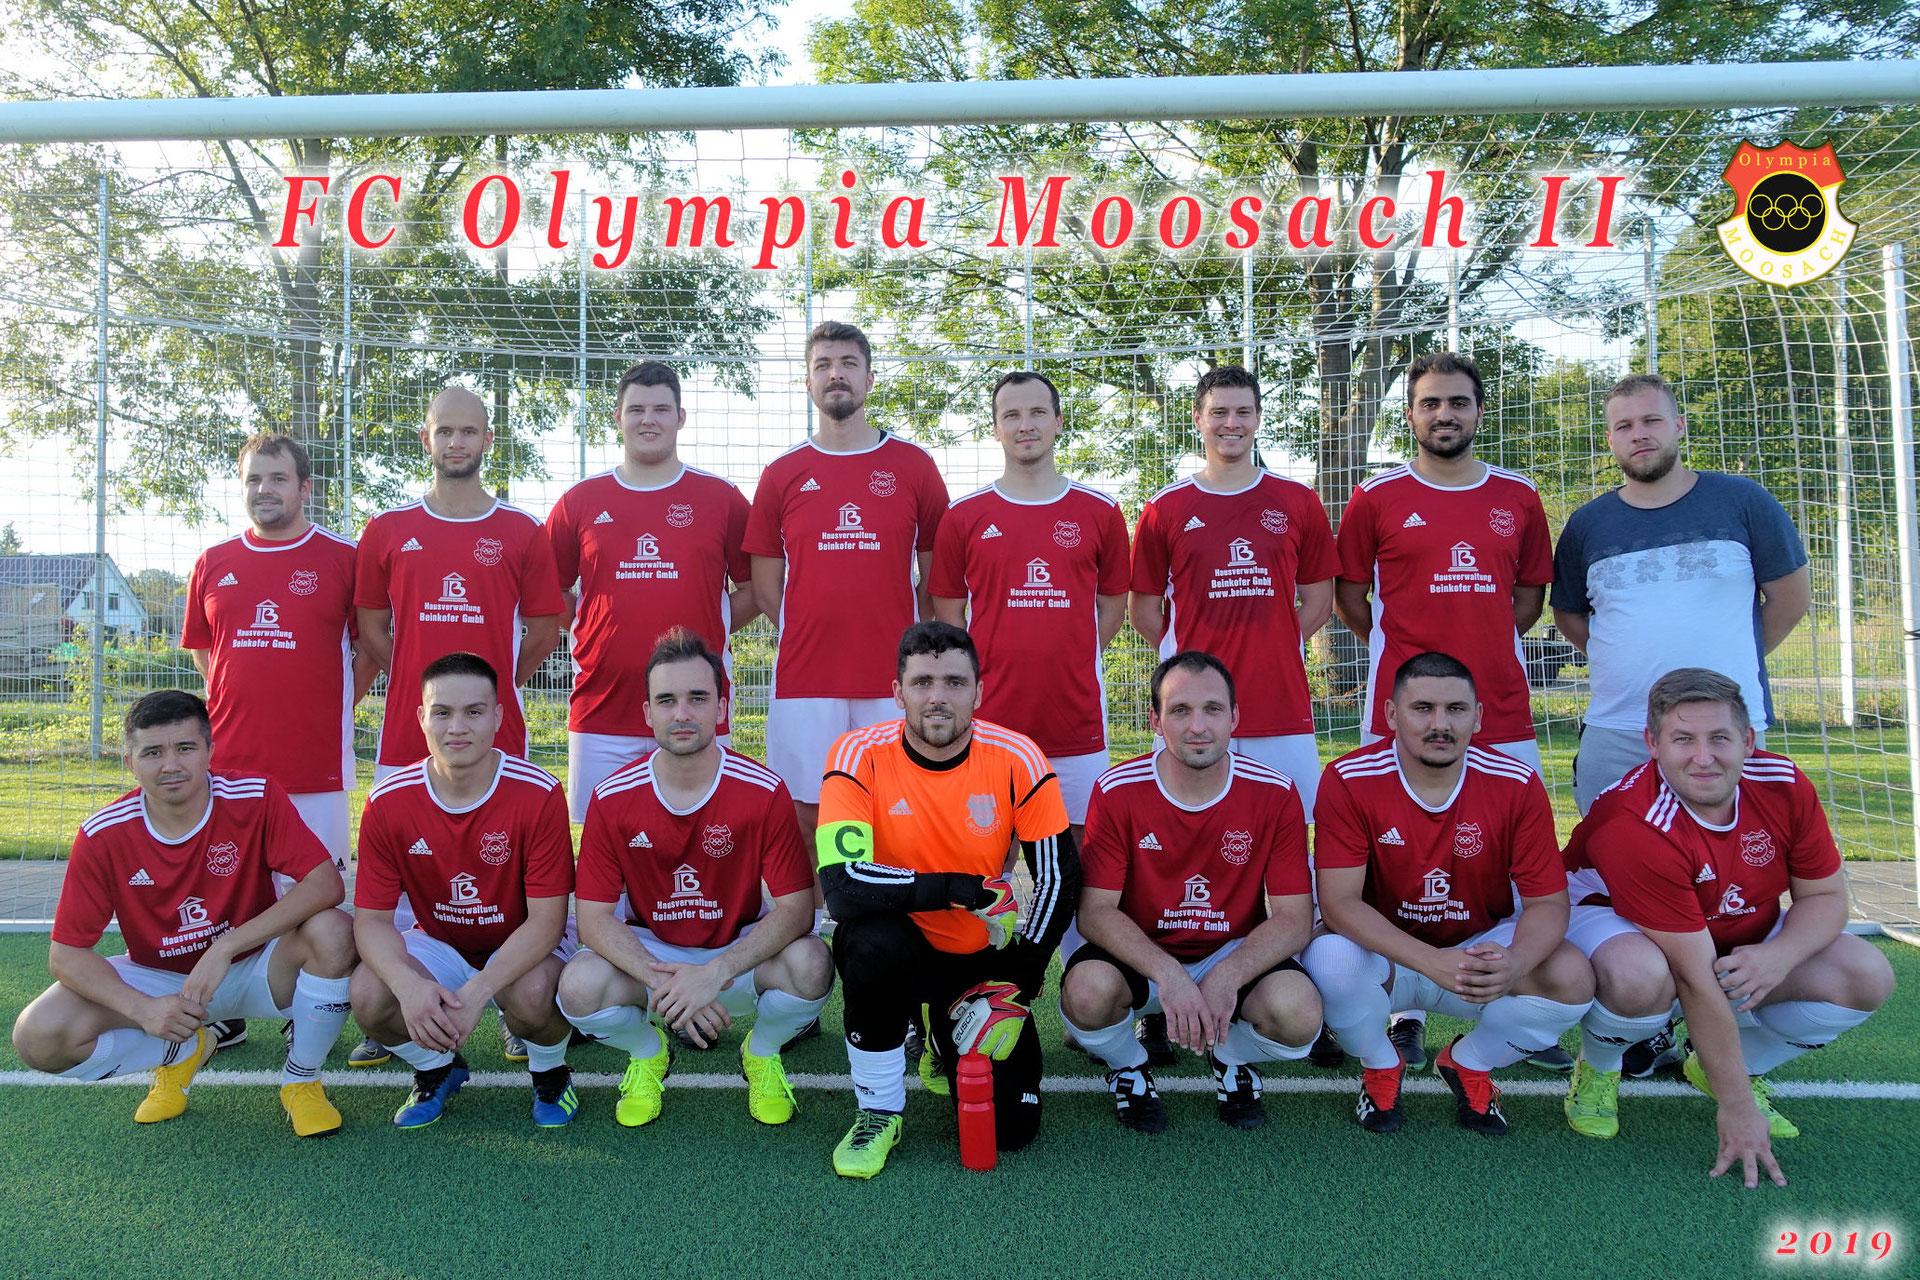 Olympia Mannschaft Fußball